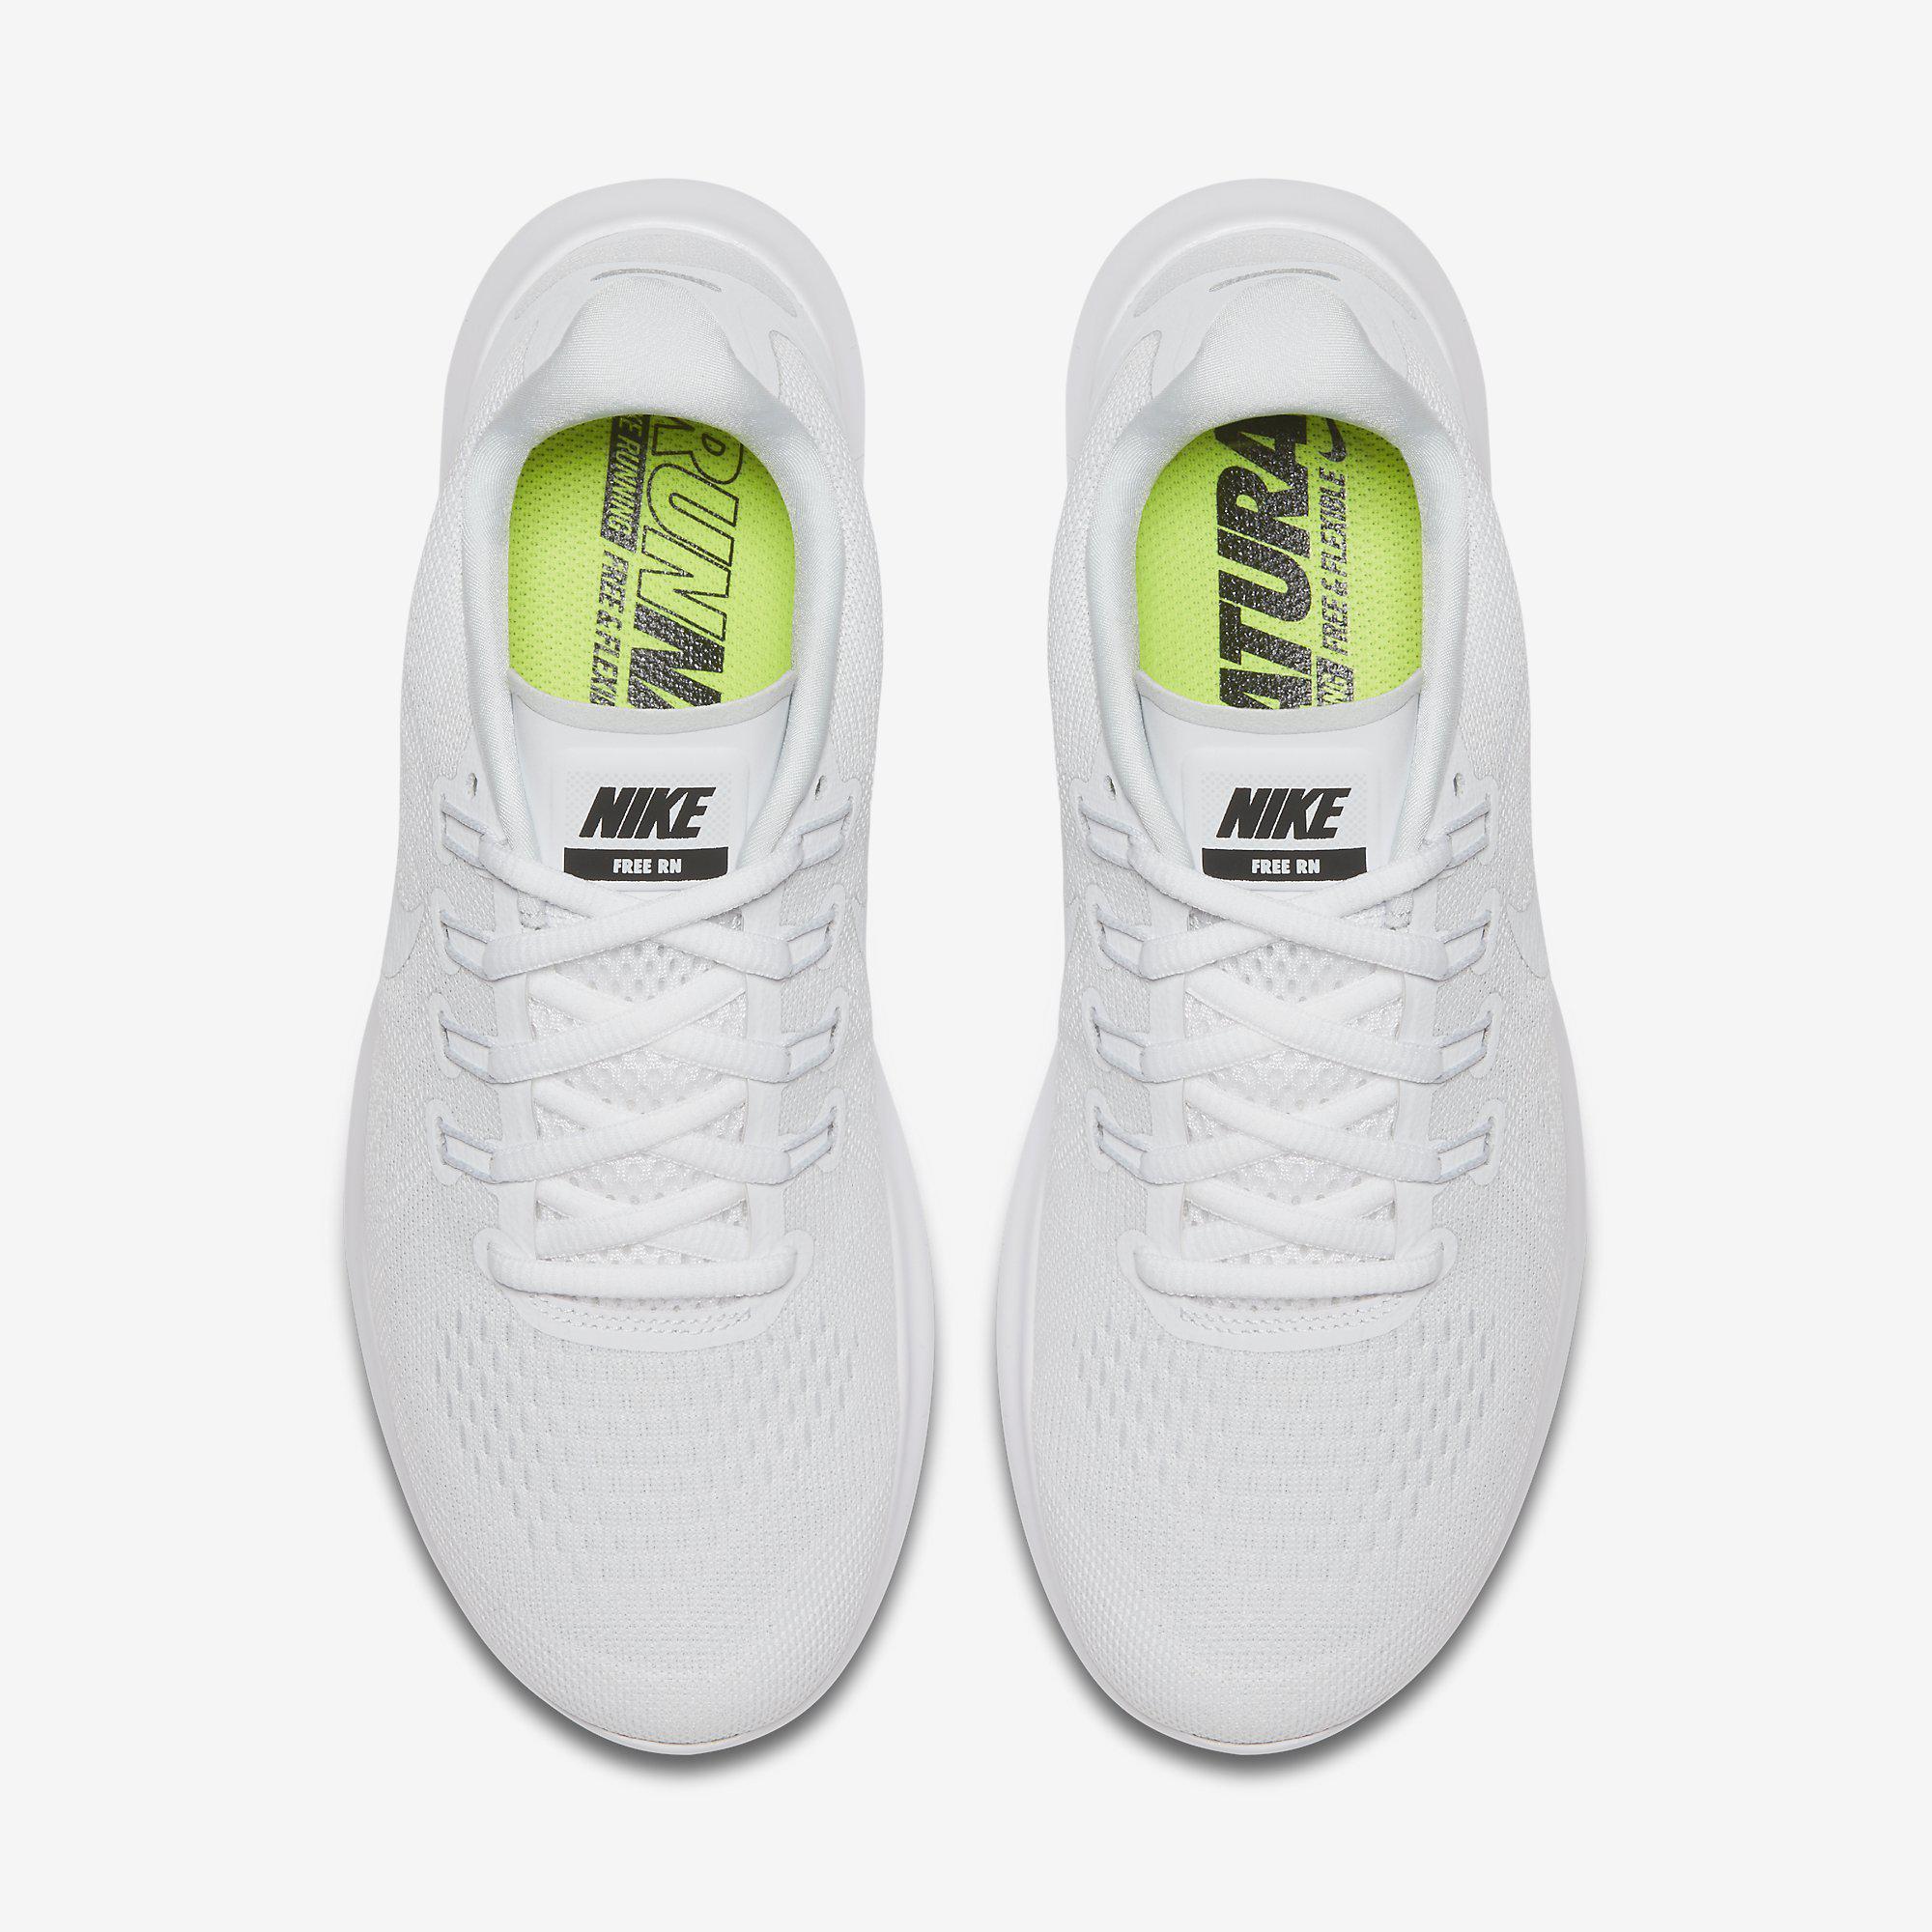 267feeb79187 Nike Womens Free RN 2017 Running Shoes - White - Tennisnuts.com